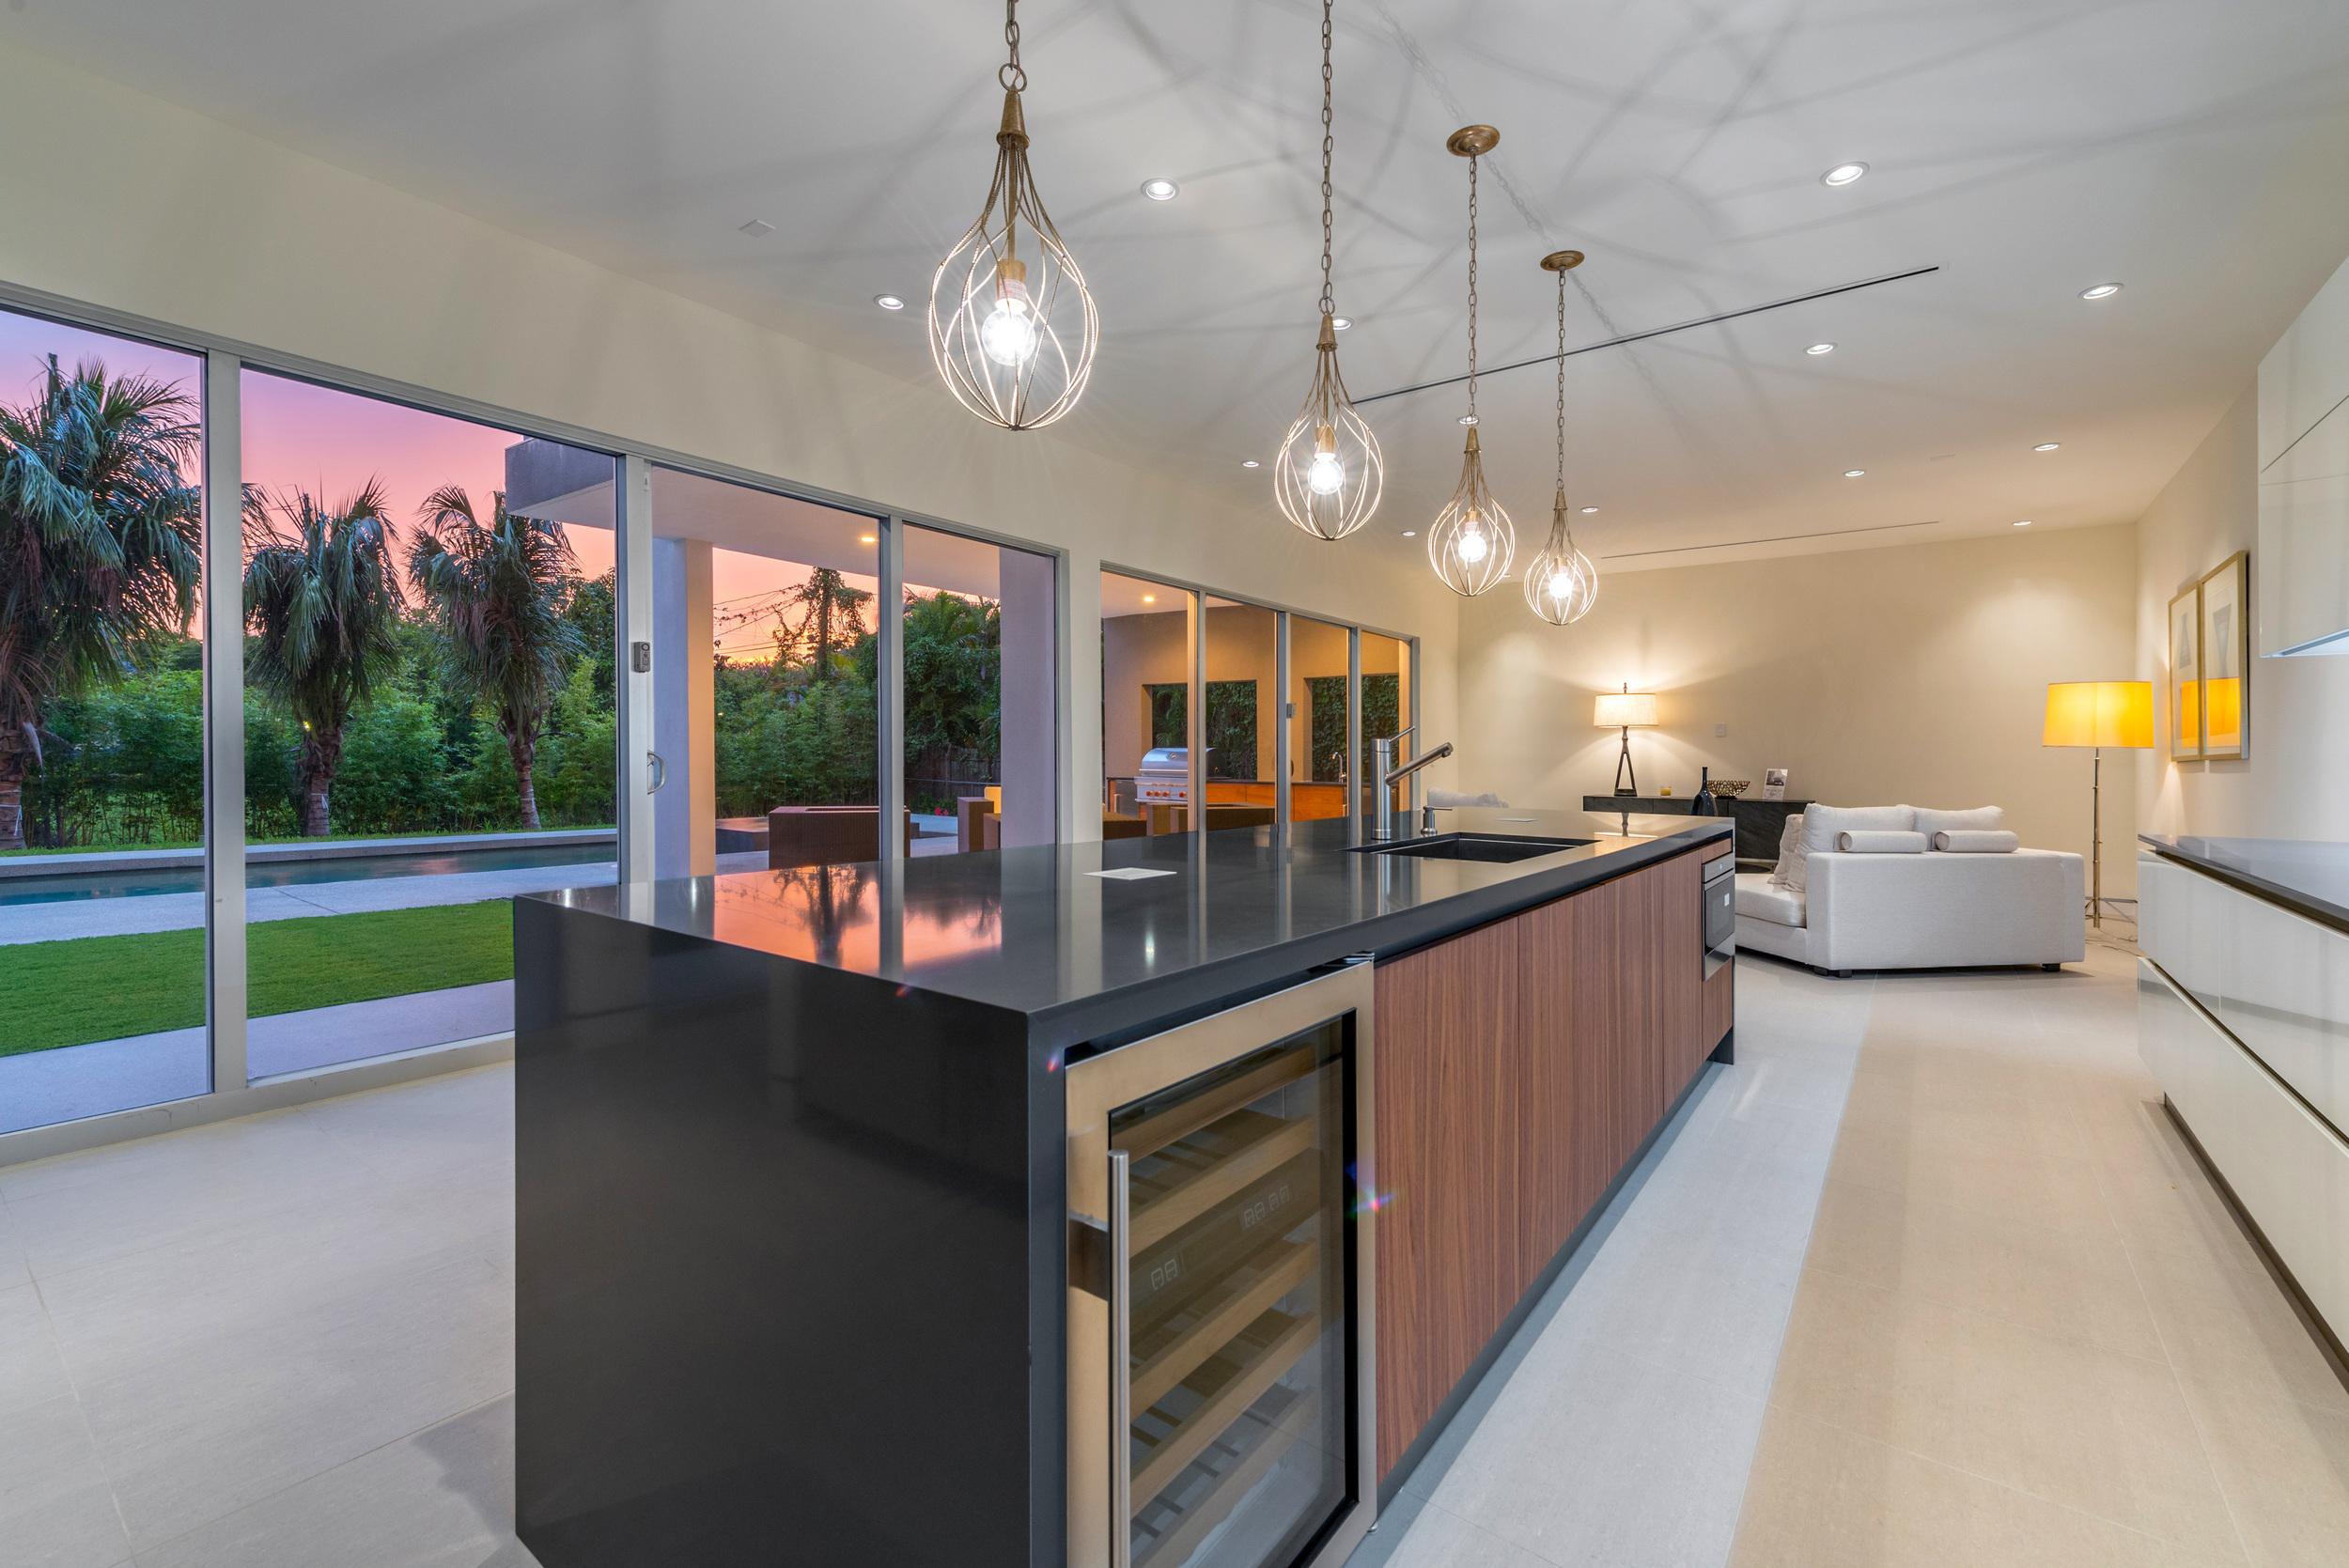 The Setting Homes Plum House Miami Florida Interior Kitchen Dusk TARIS Real Estate